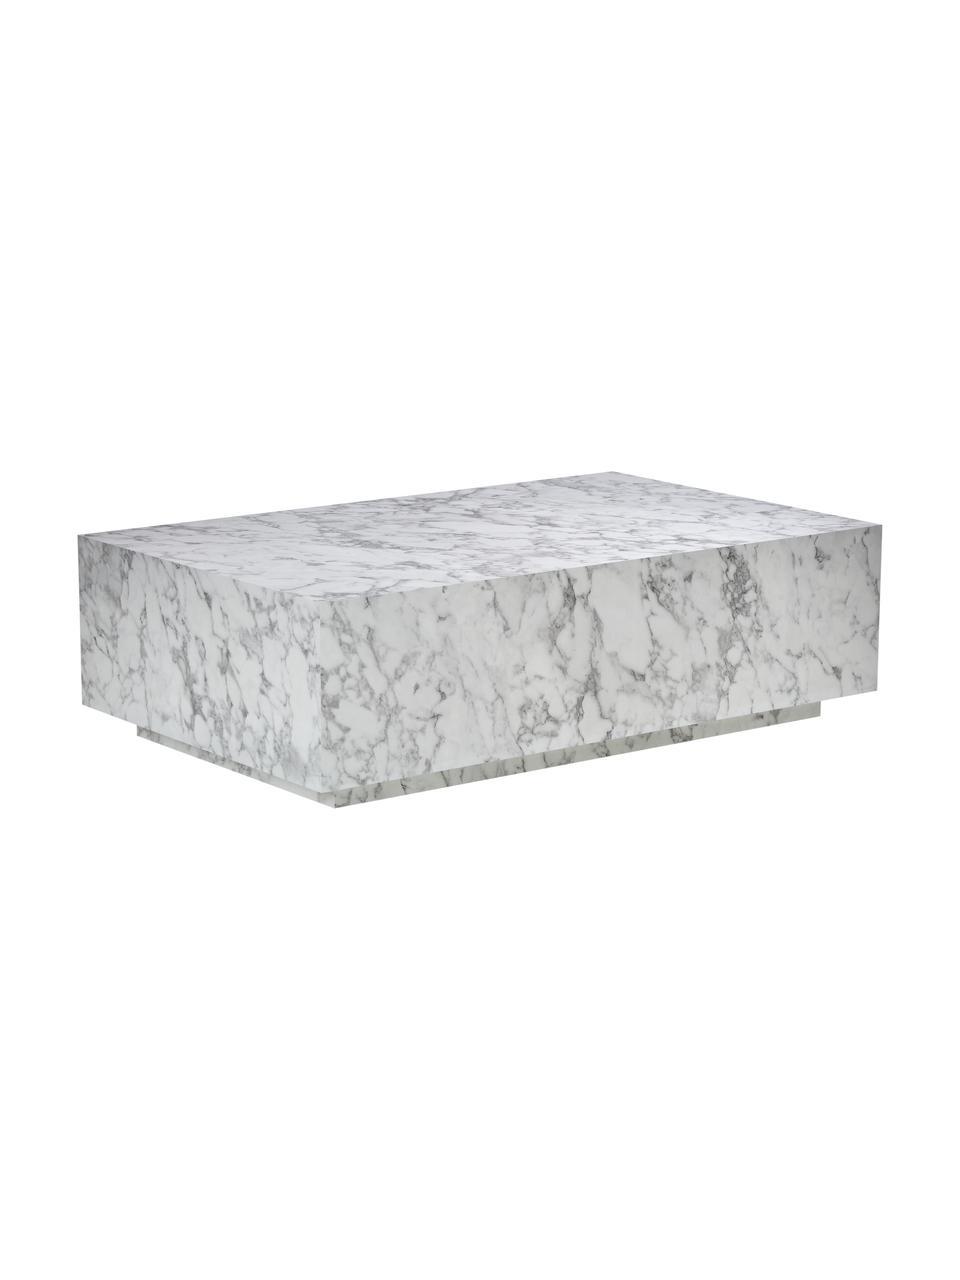 Stolik kawowy z imitacji marmuru Lesley, Płyta pilśniowa średniej gęstości (MDF) pokryta folią melaminową, Biały, marmurowy, błyszczący, S 120 x W 35 cm